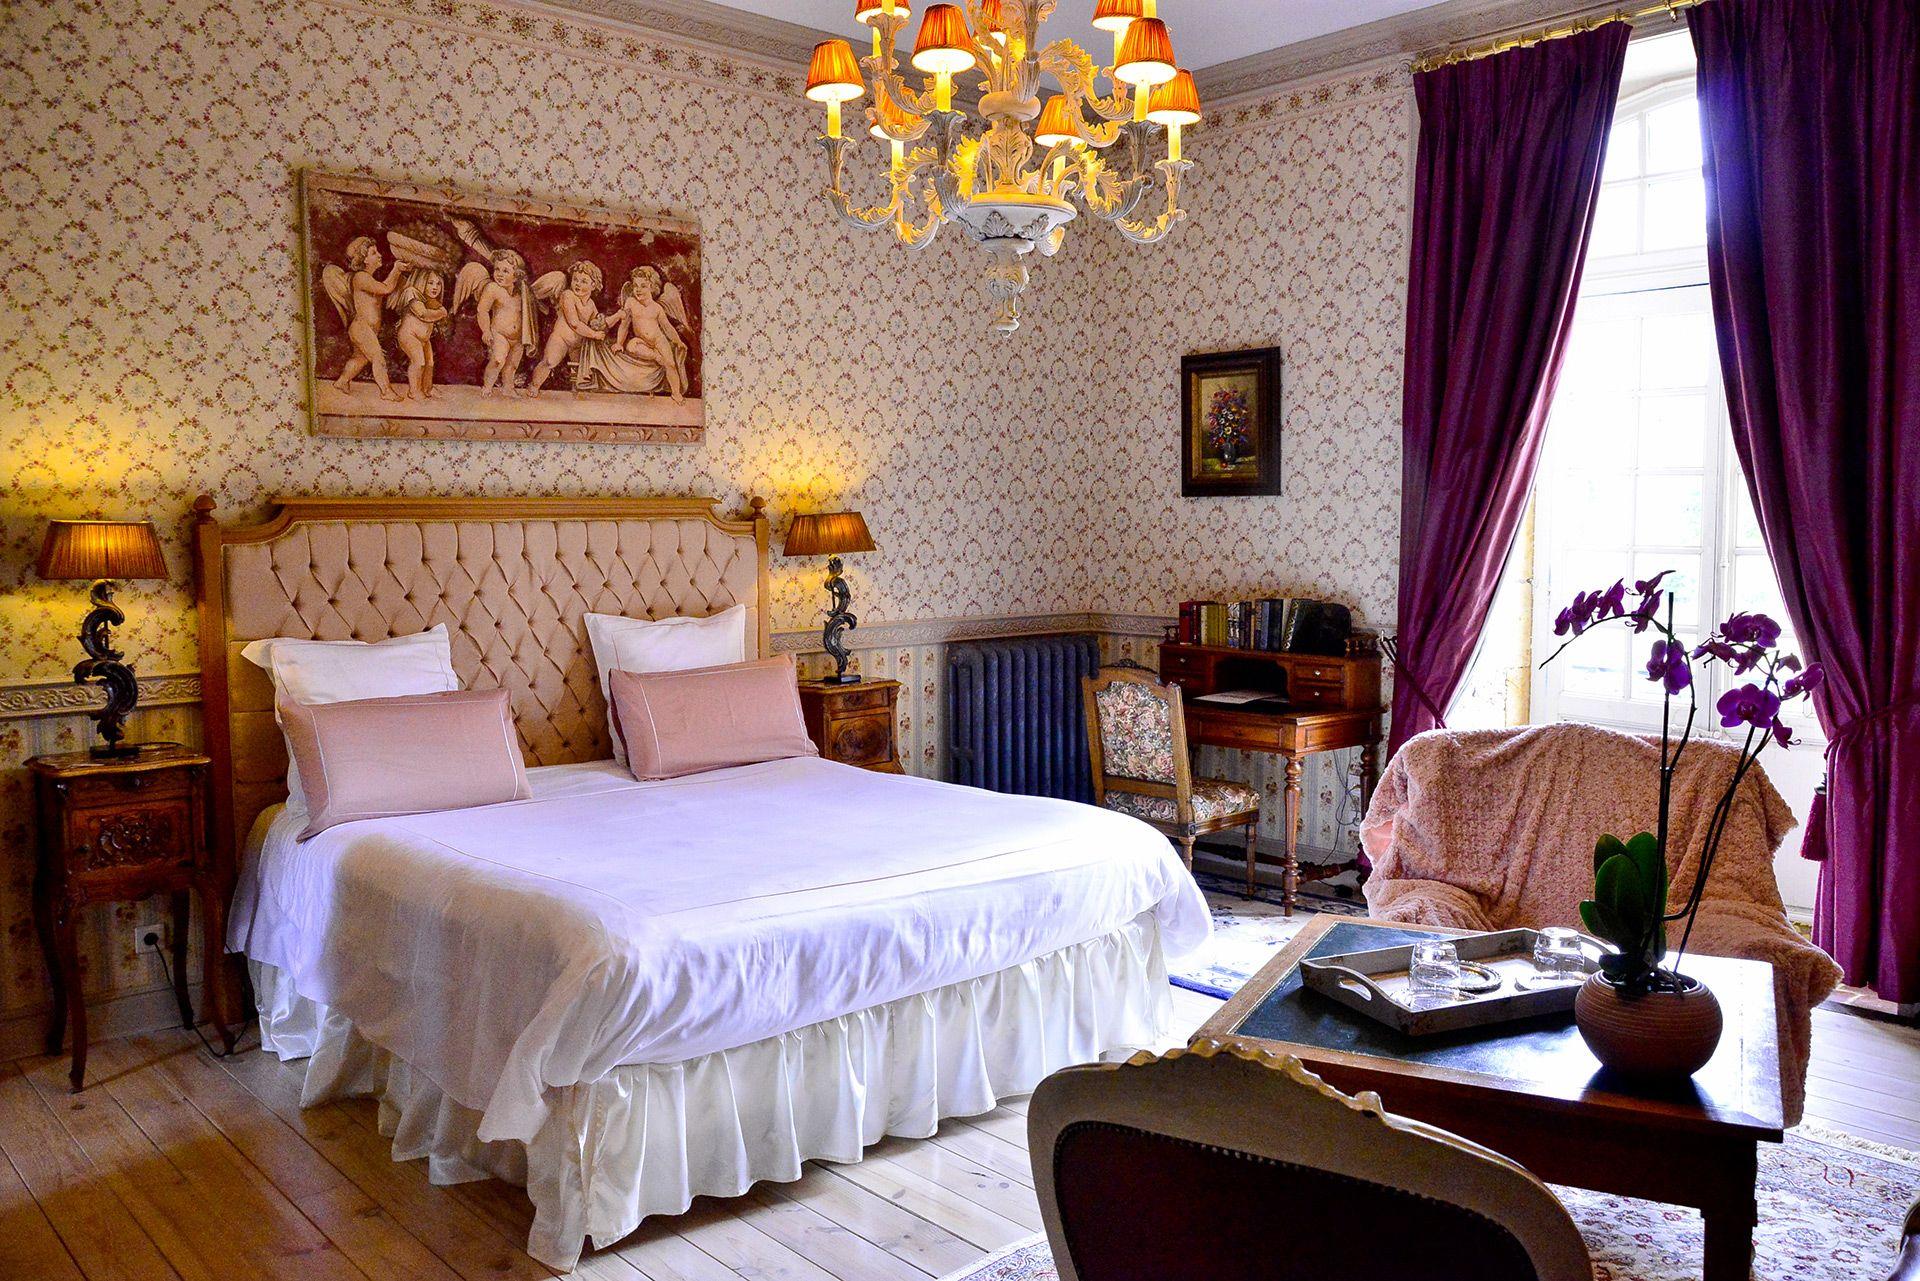 La Chambre De La Comtesse Location Francophone In 2020 Home Decor Home Bed